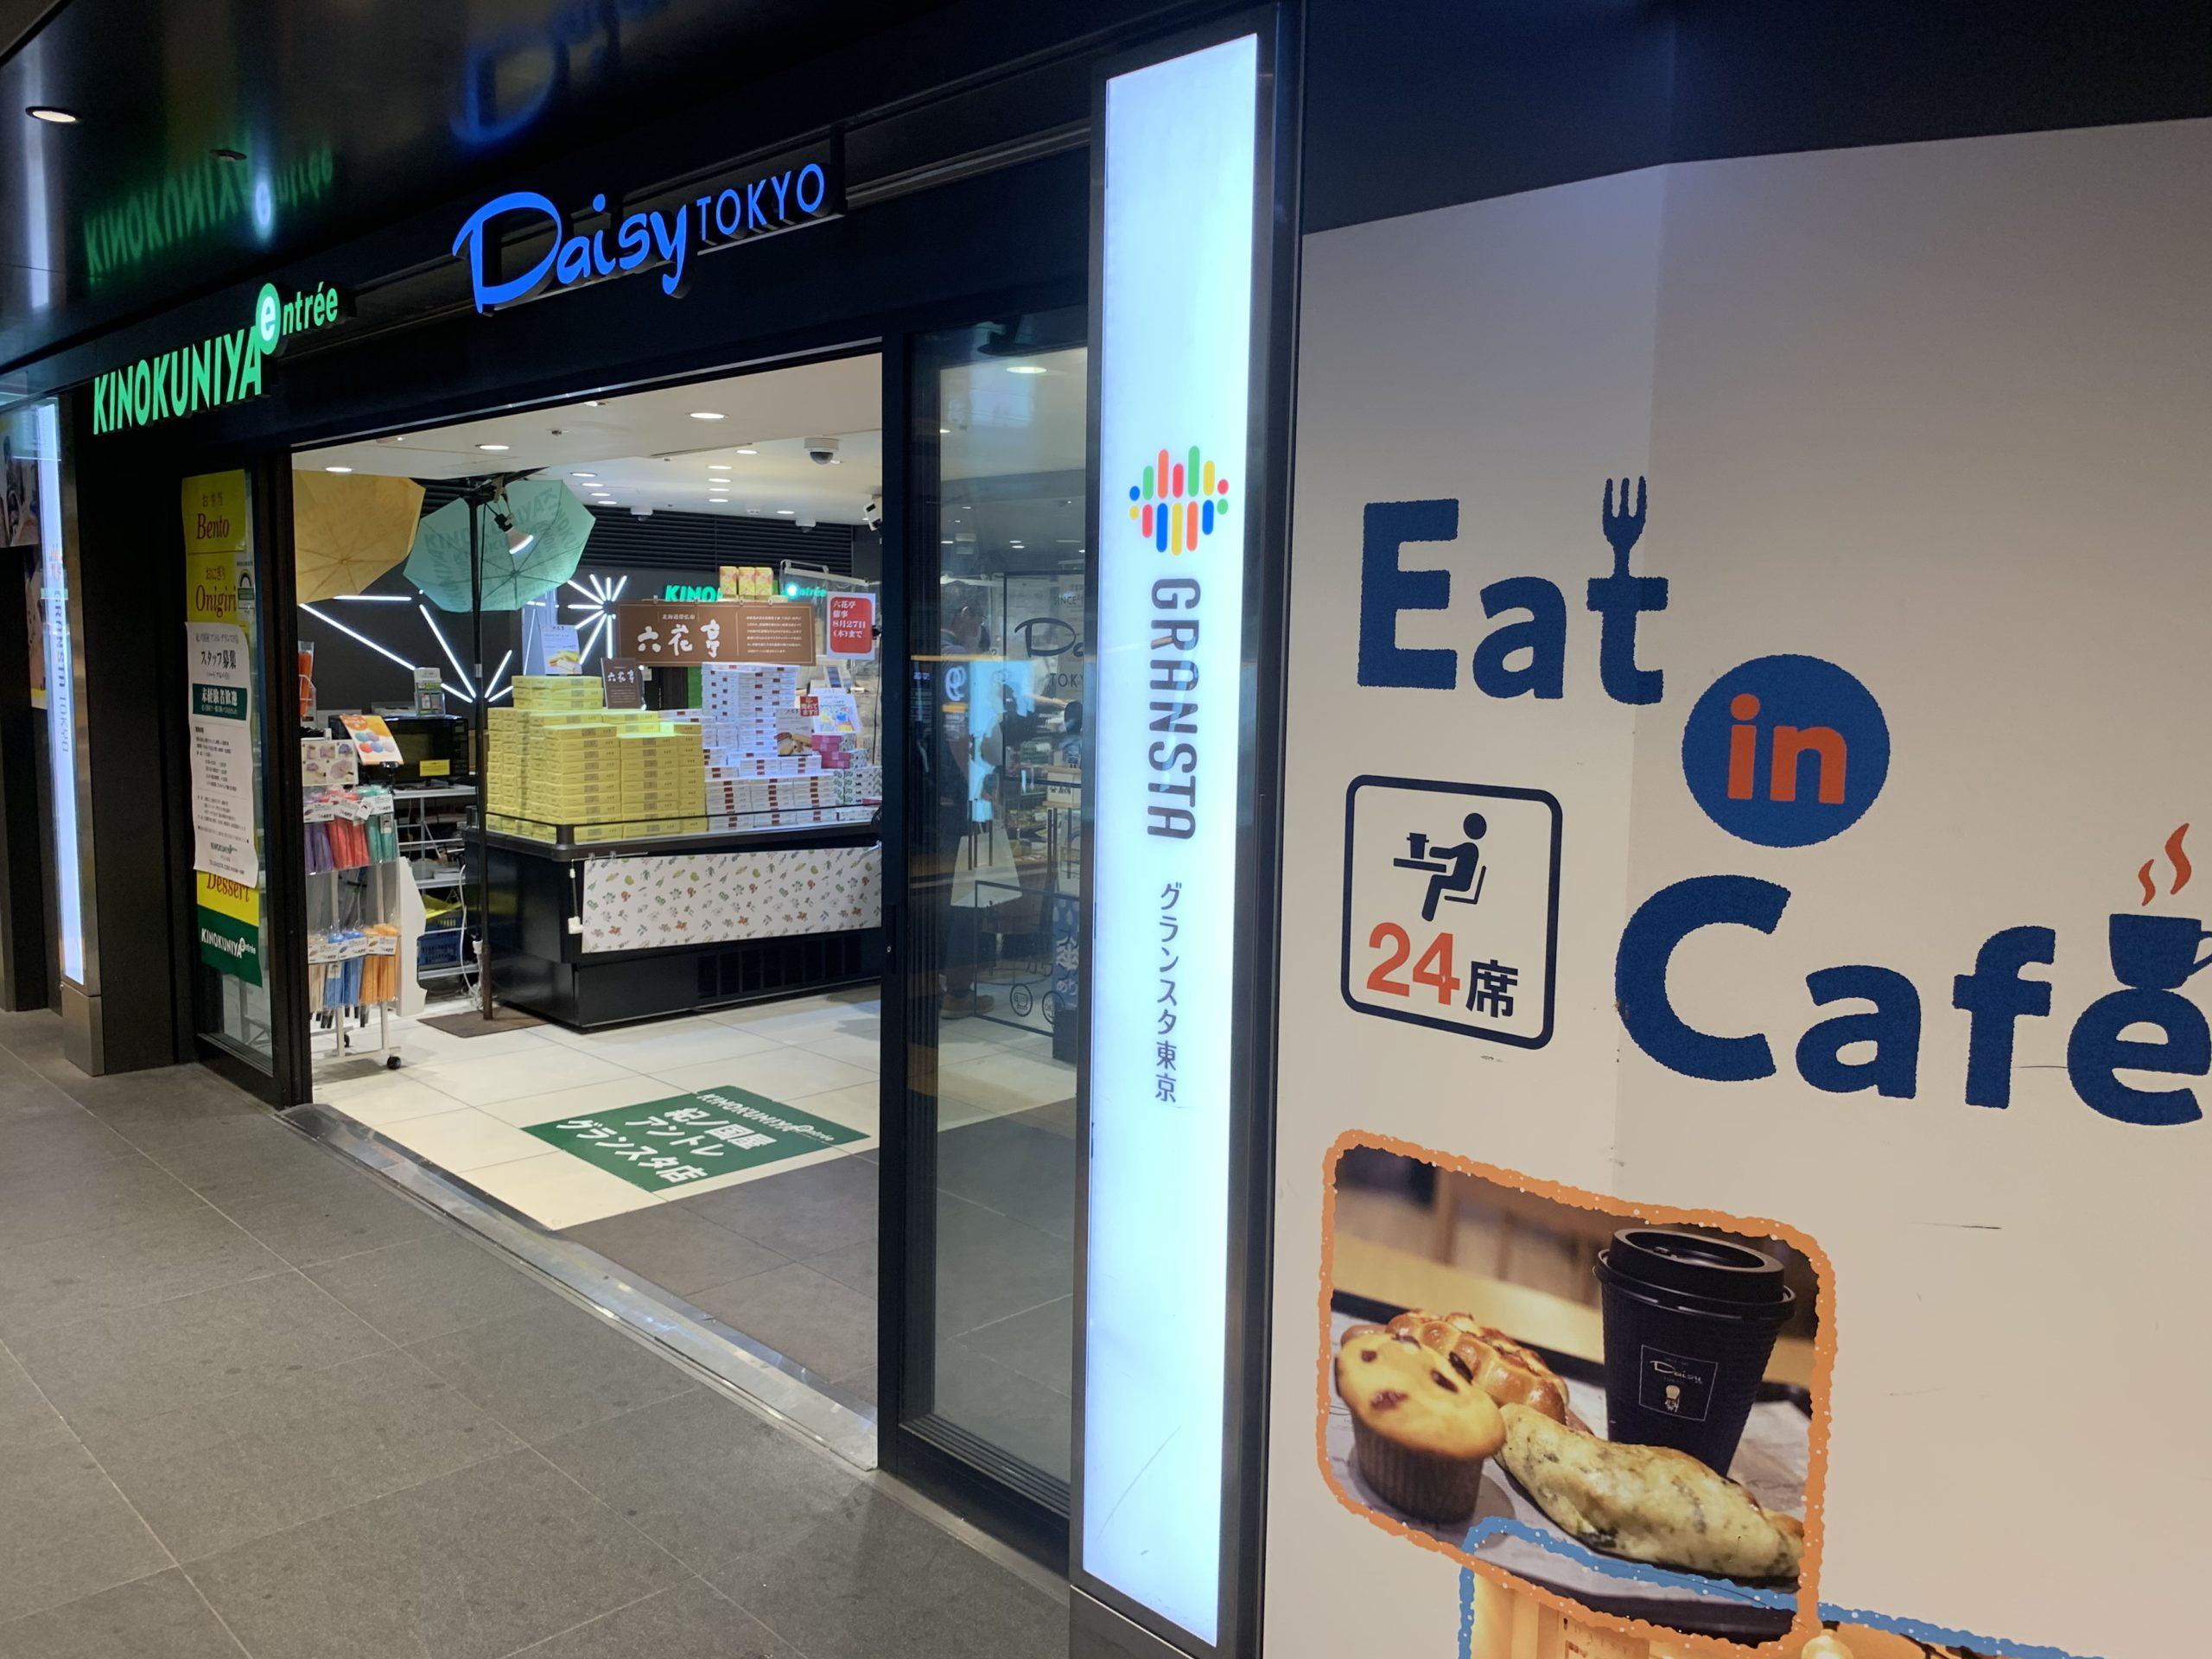 東京駅構内エキナカ Eat CAFE (Daisy tokyo内)